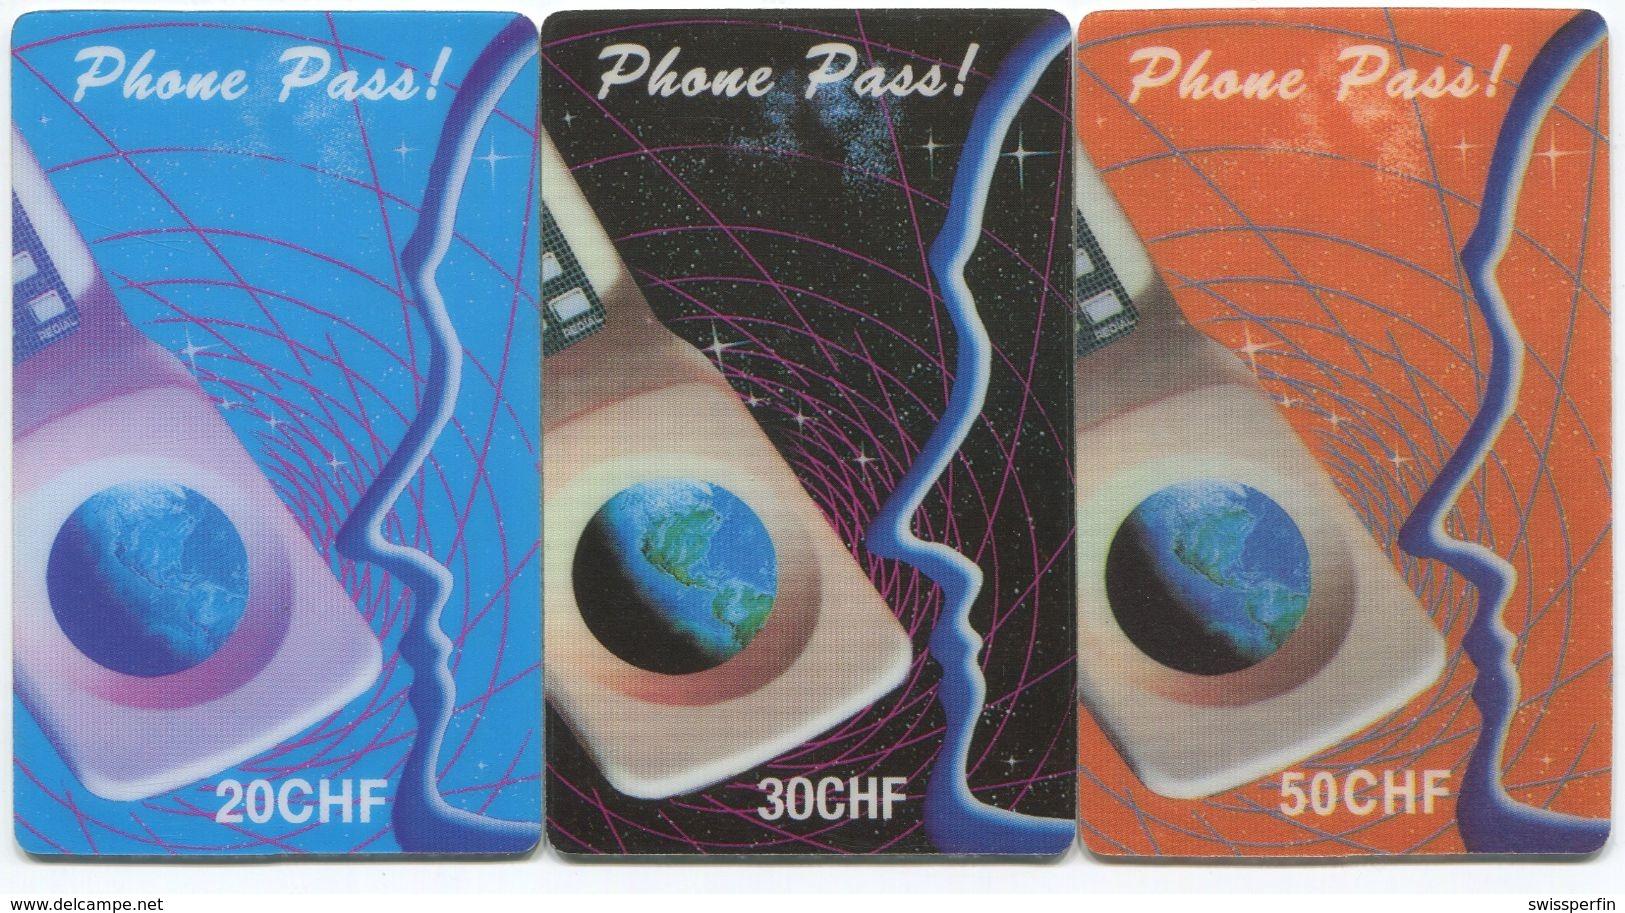 1698 - Phone Pass 20, 30 + 50 CHF Prepaid Telefonkarte - Schweiz